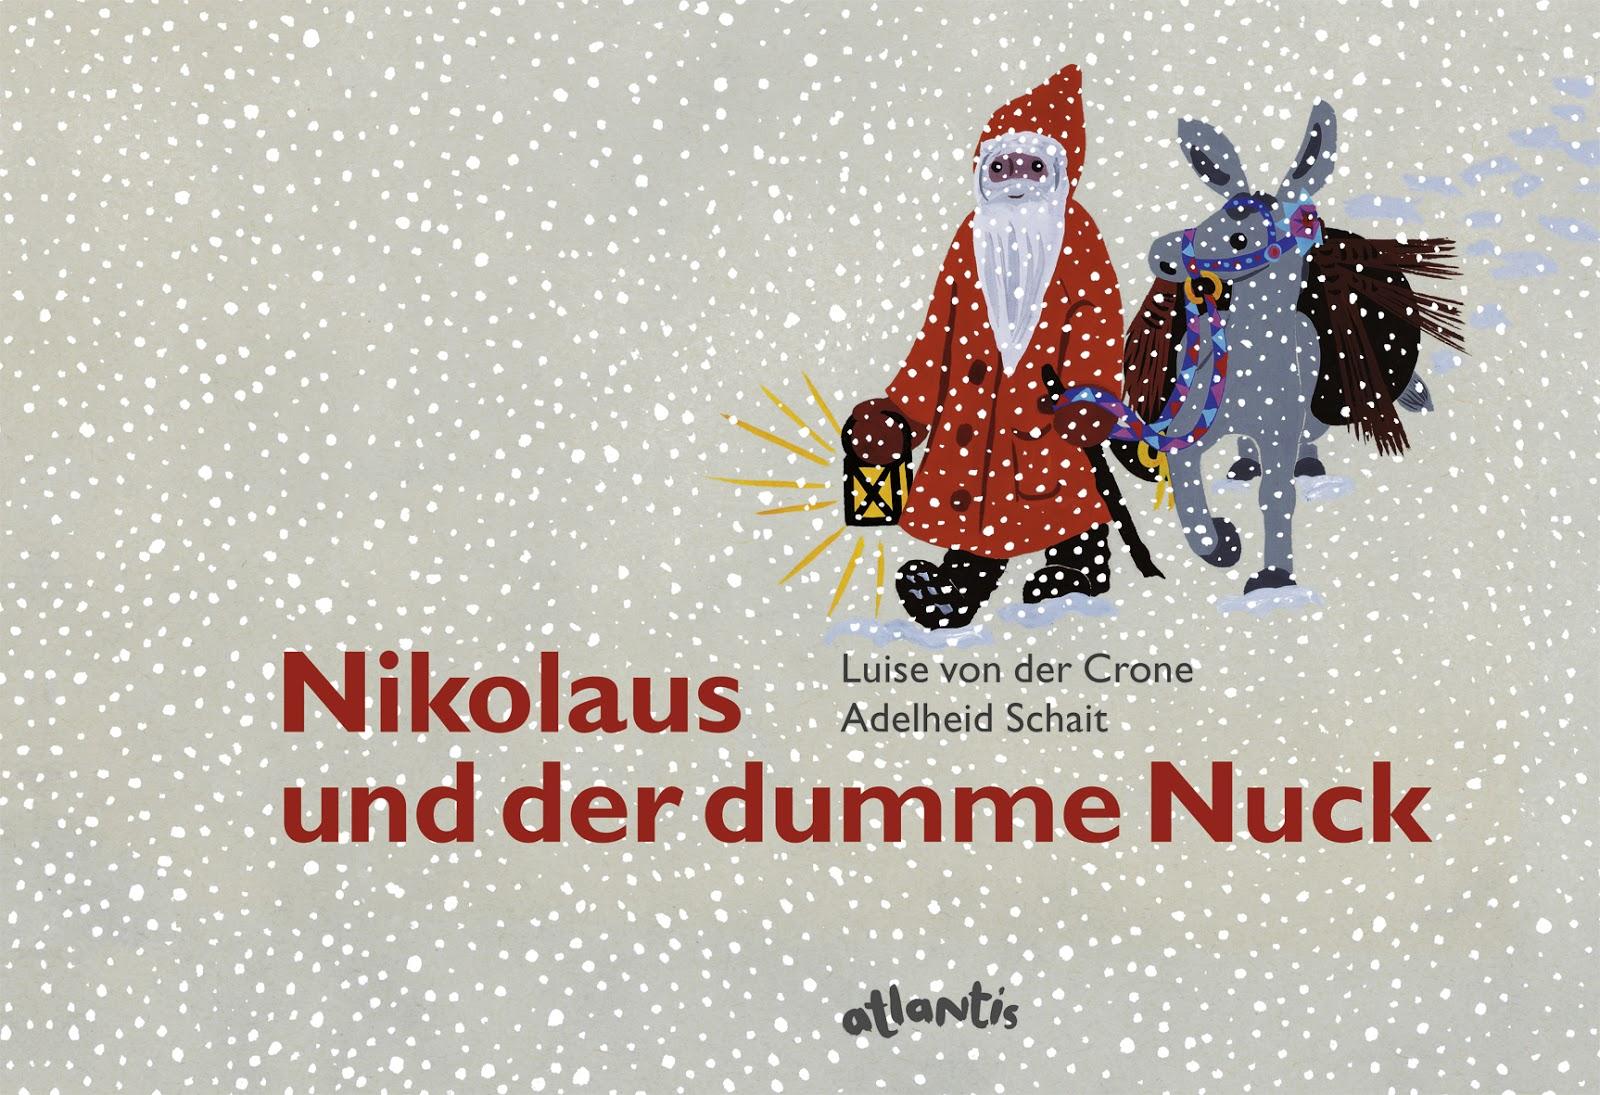 Malvorlagen in der Weihnachtsseite für Kinder im kidsweb  - Samichlaus Bilder Zum Ausmalen